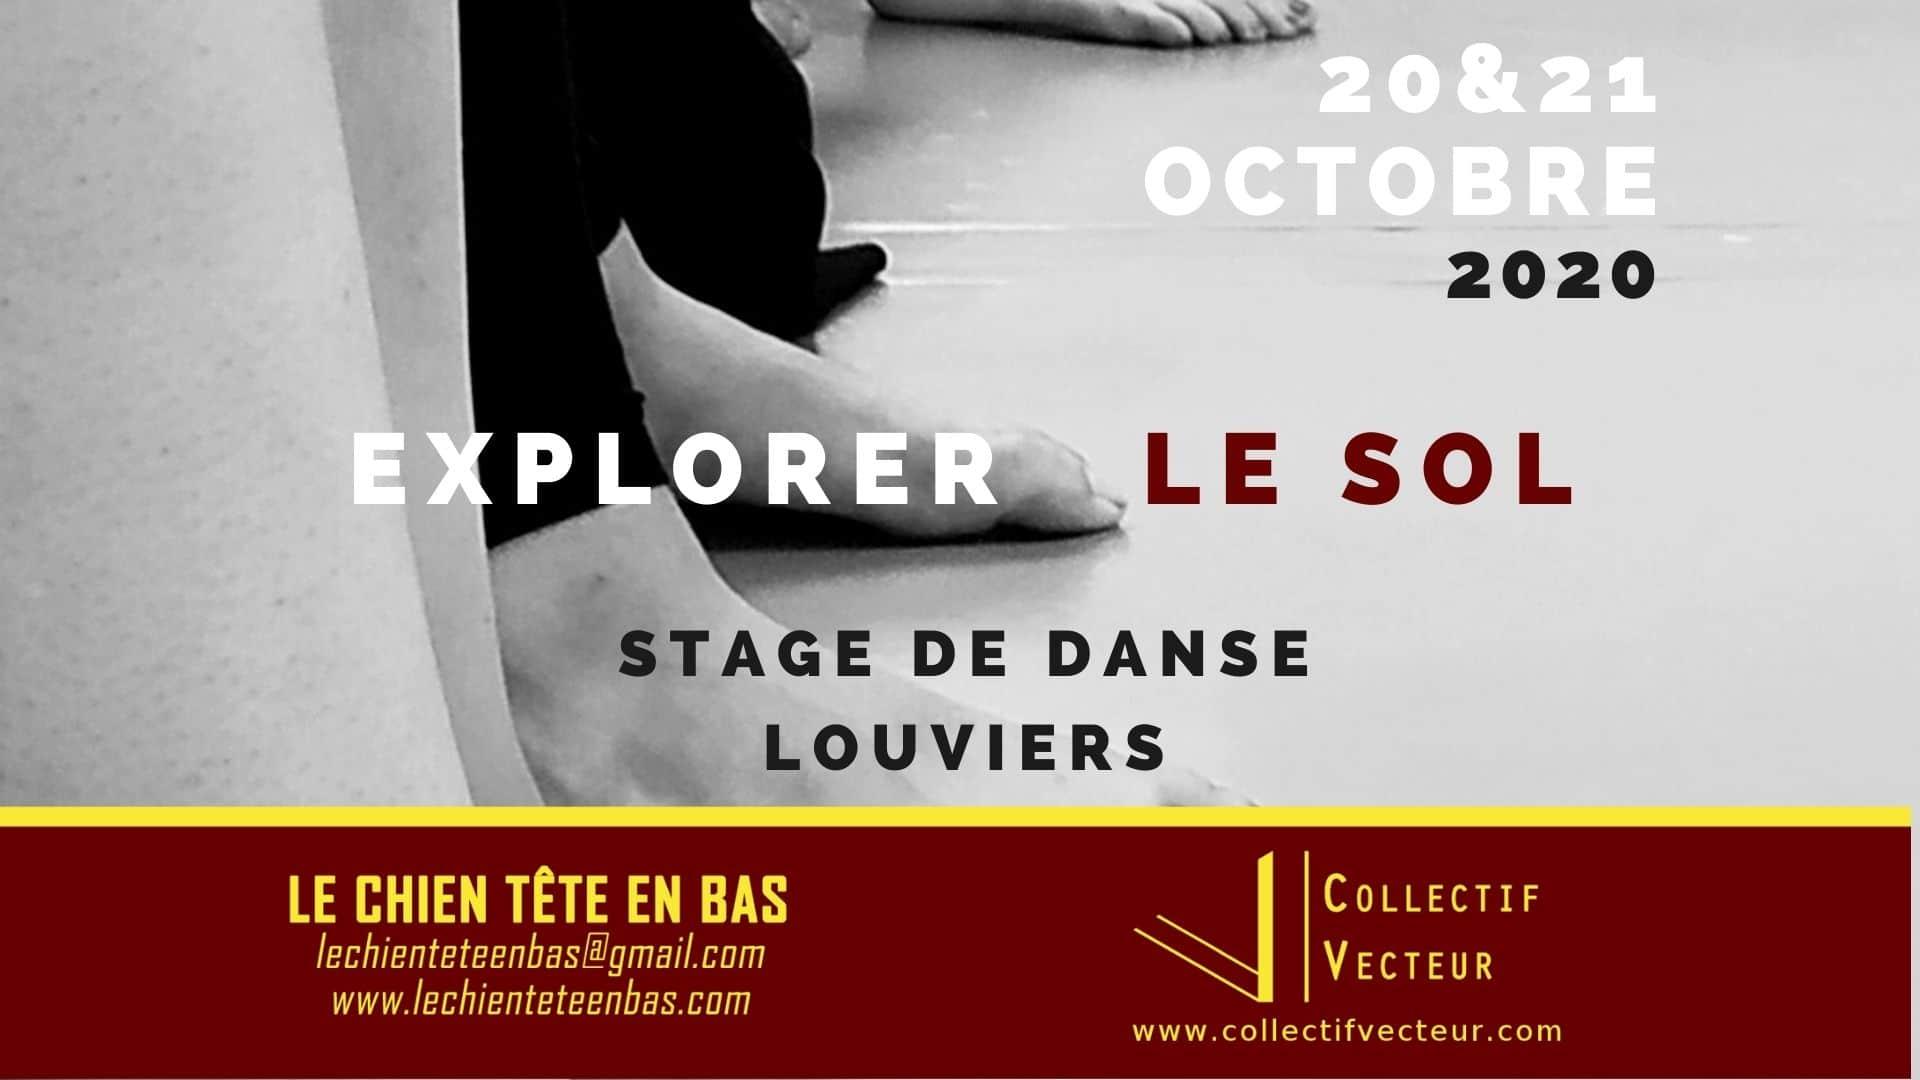 événement atelier stage danse remous SOL lechienteteenbas Louviers